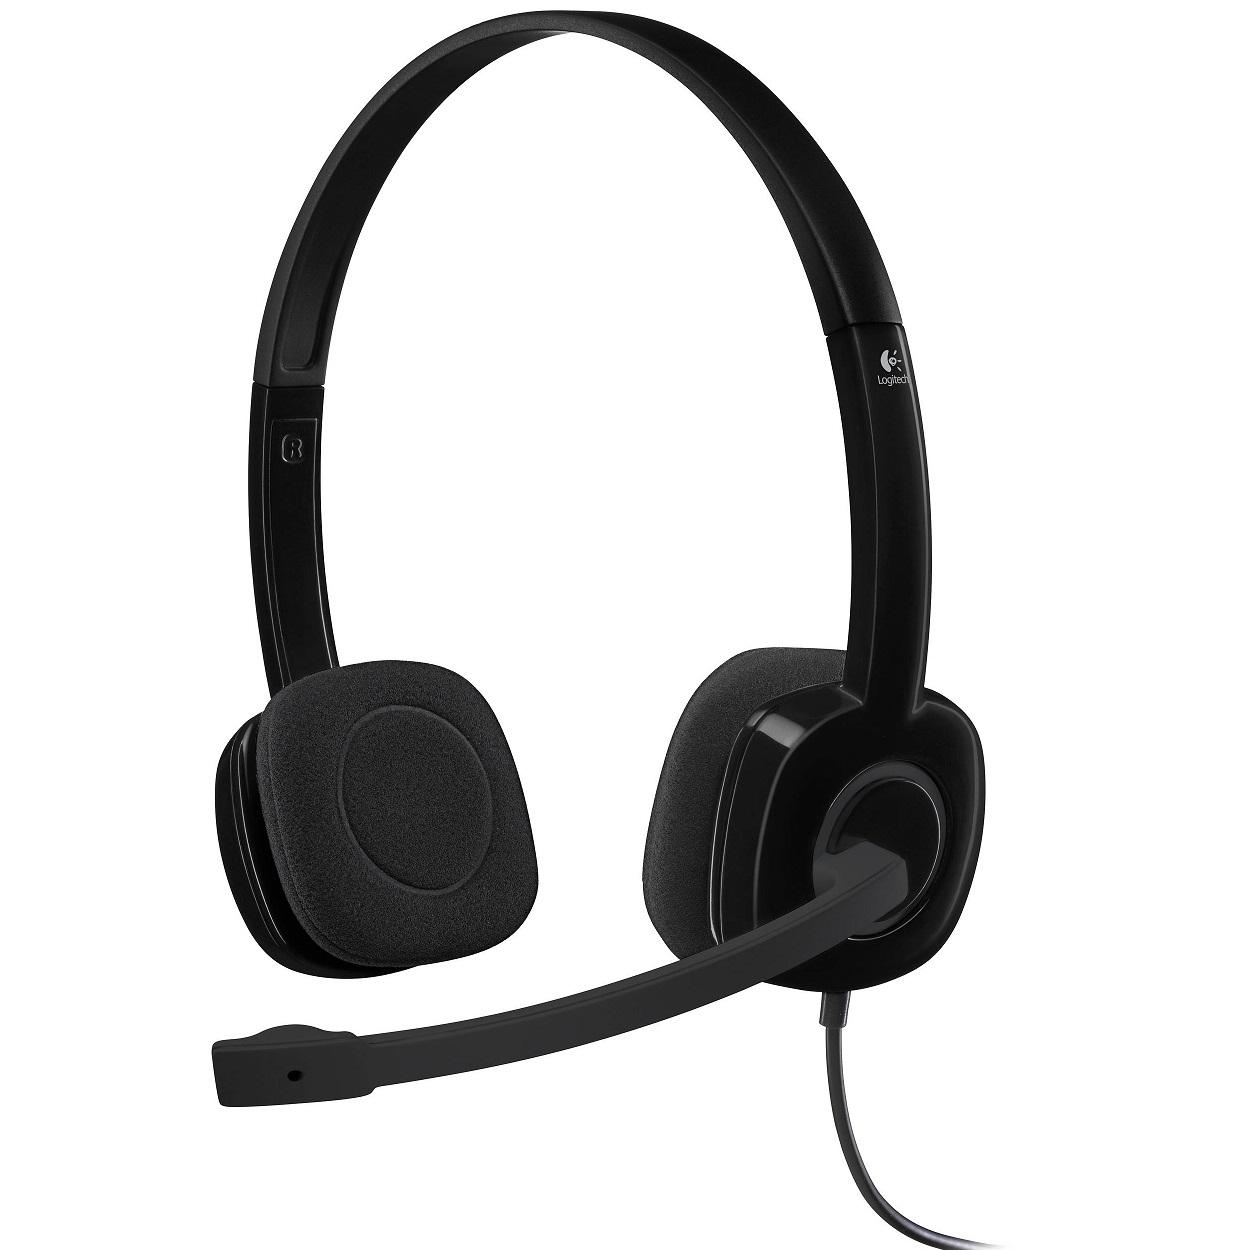 Logitech H151 vezetékes headset (981-000589) af399450c9